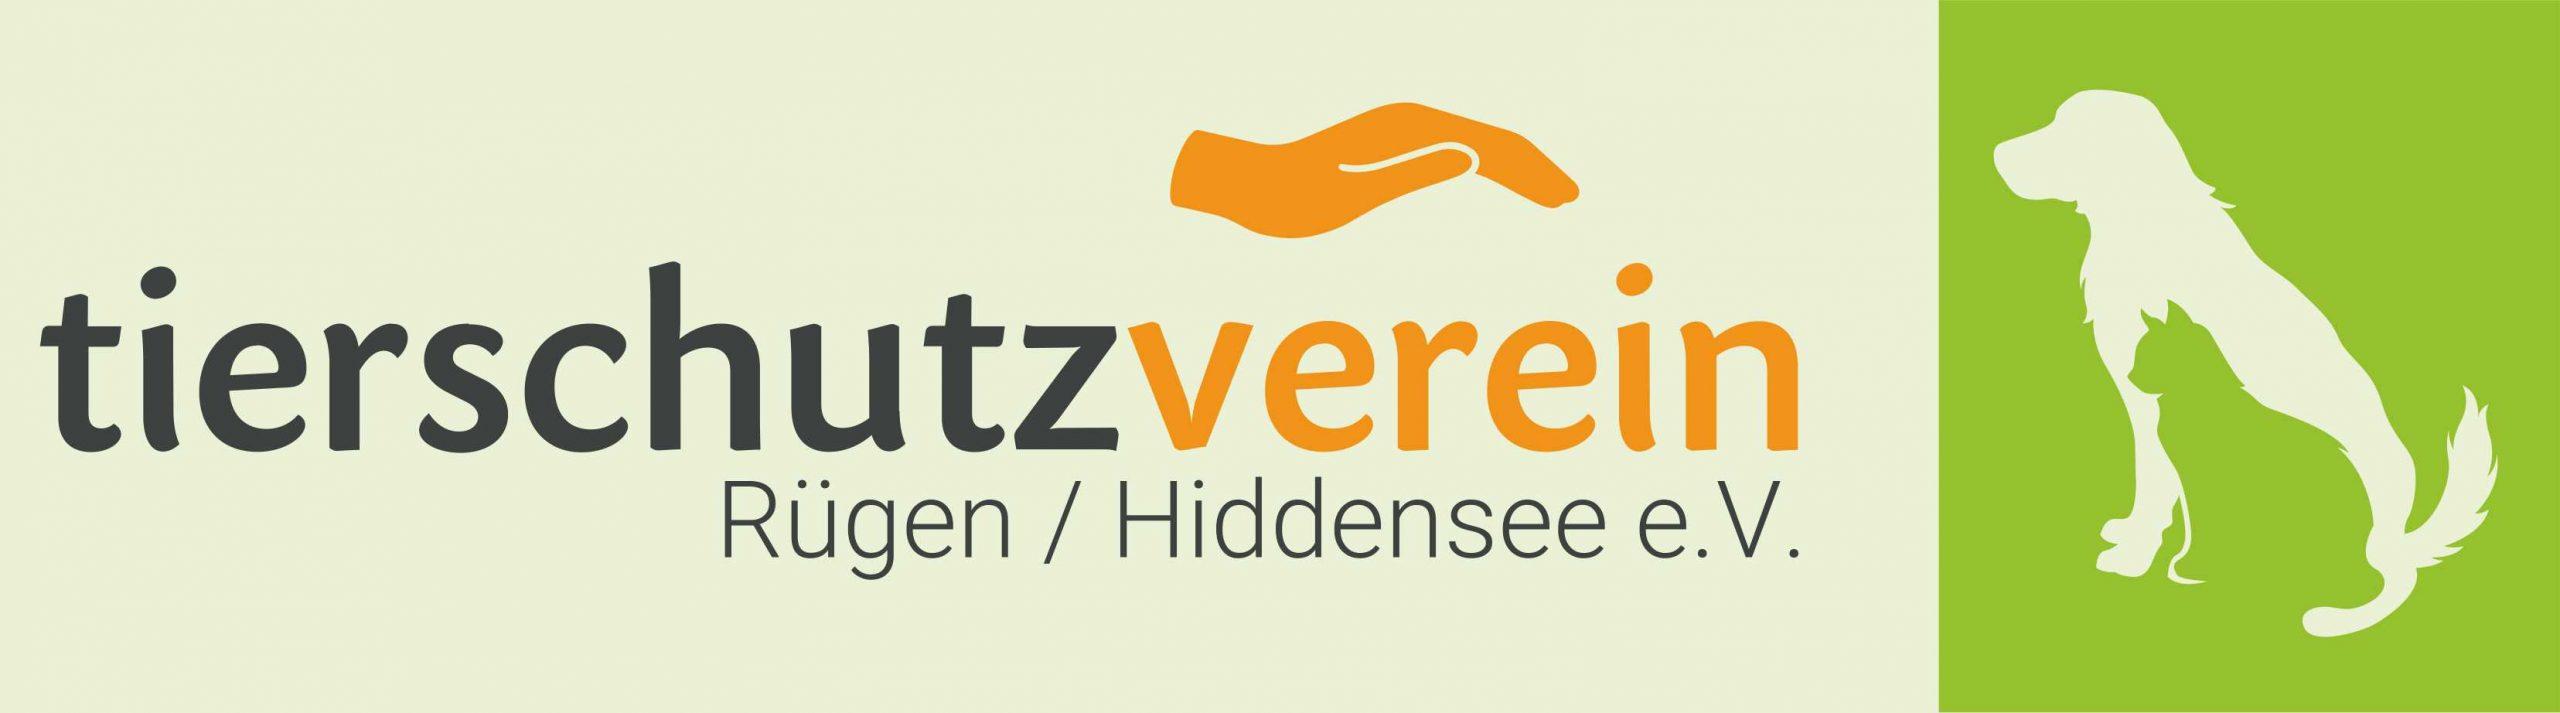 Tierschutzverein Rügen-Hiddensee e.V.